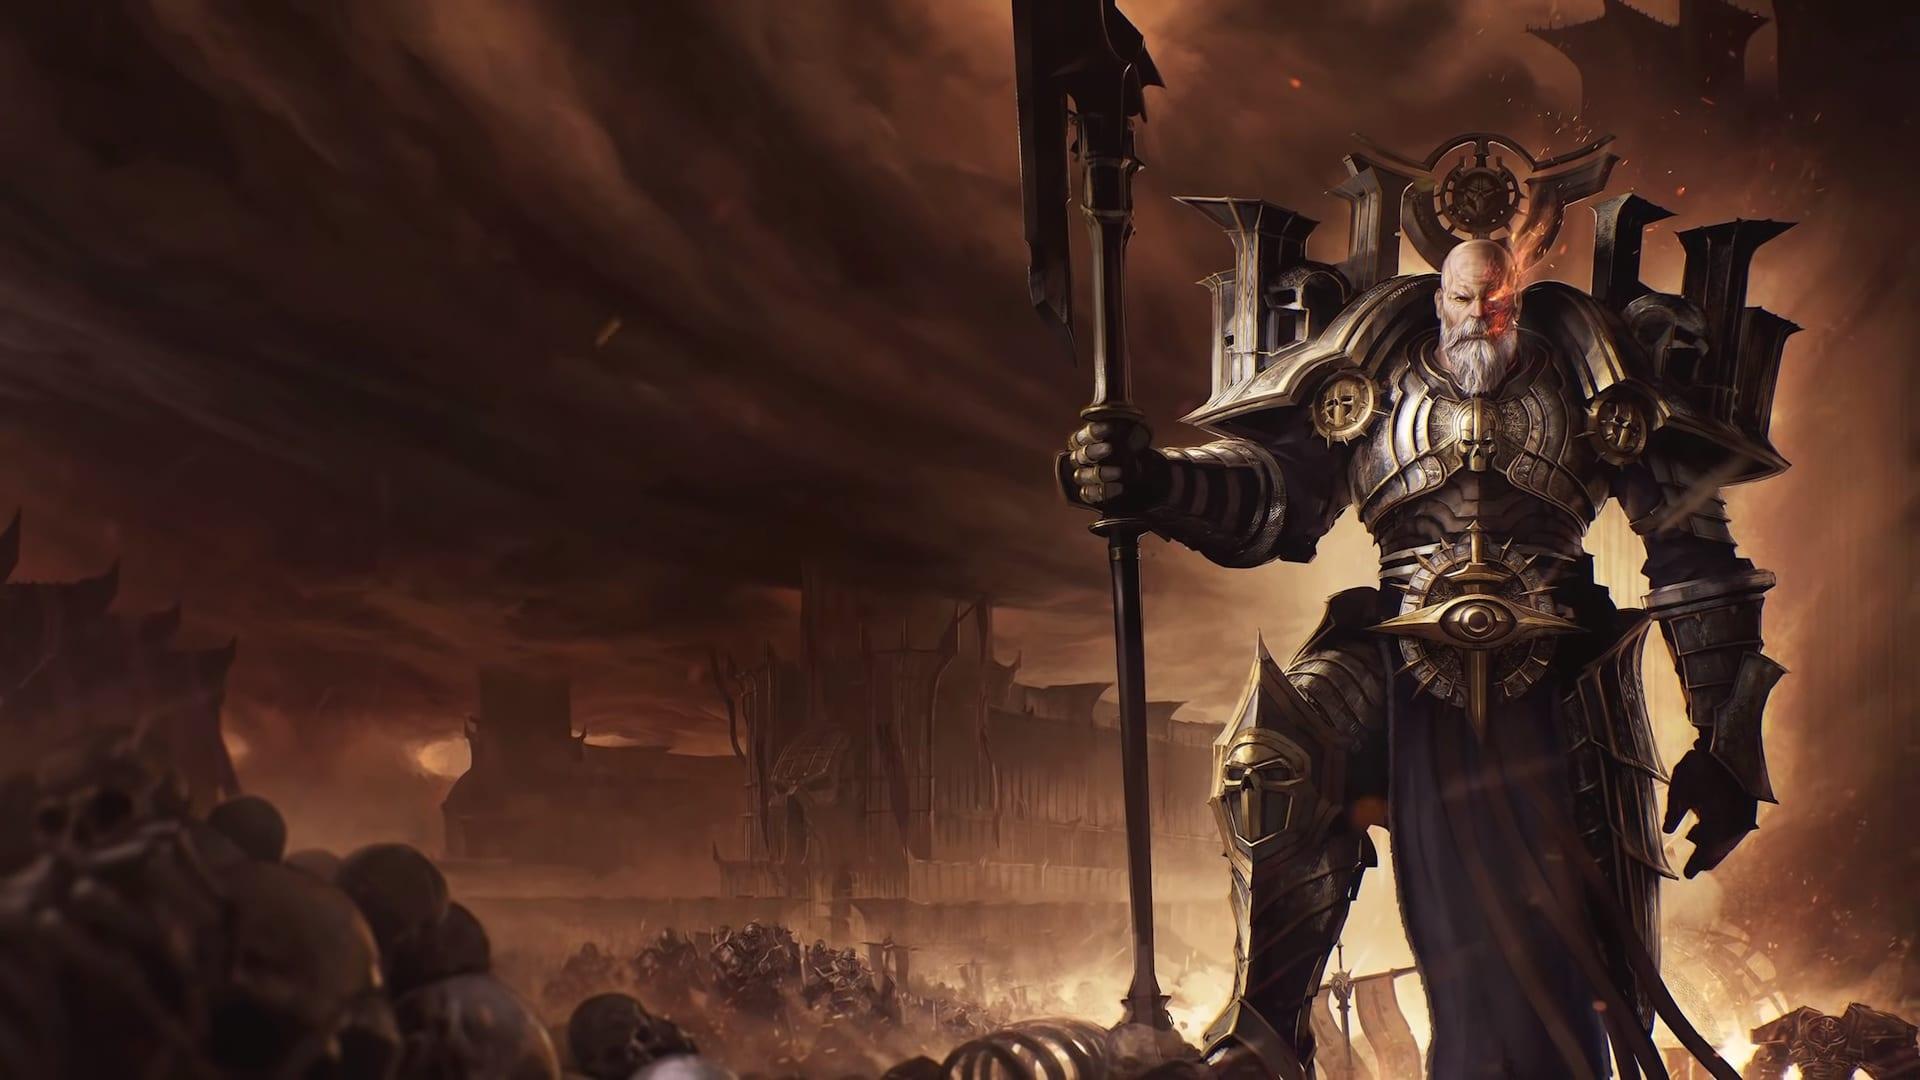 wolcen lords of mayhem, steam early access